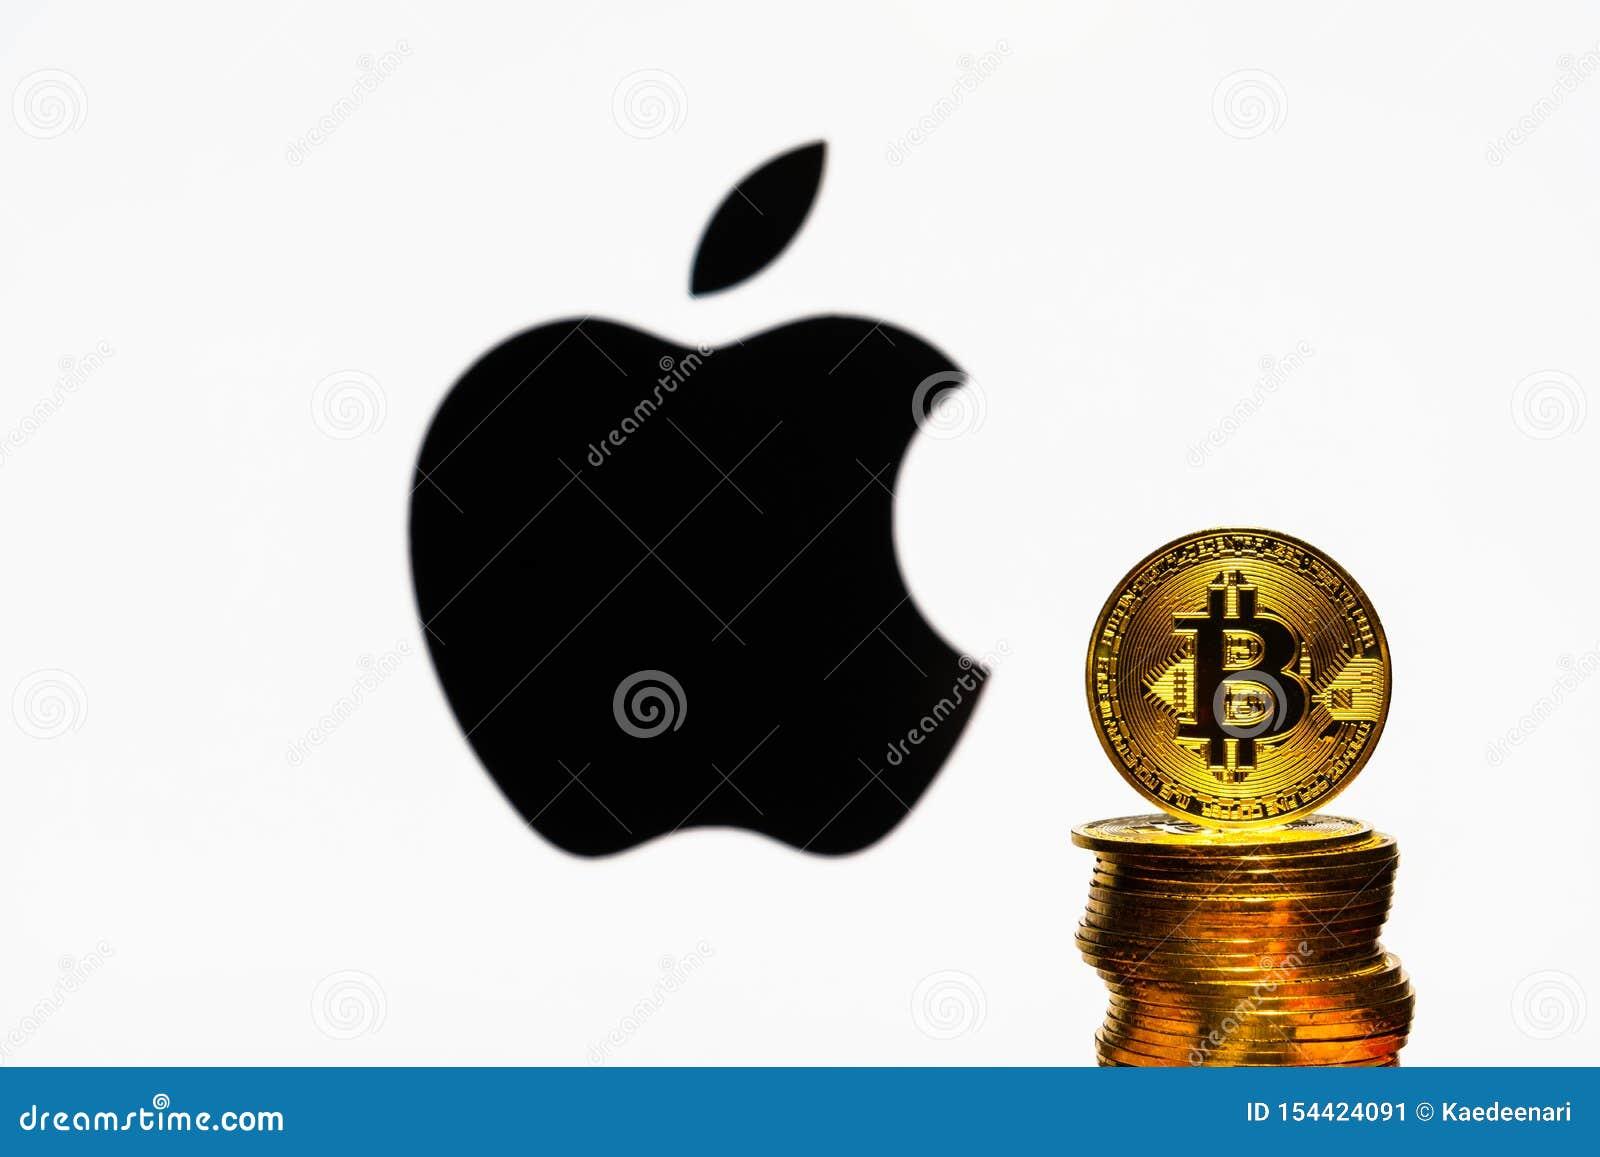 commercio delloro bitcoin